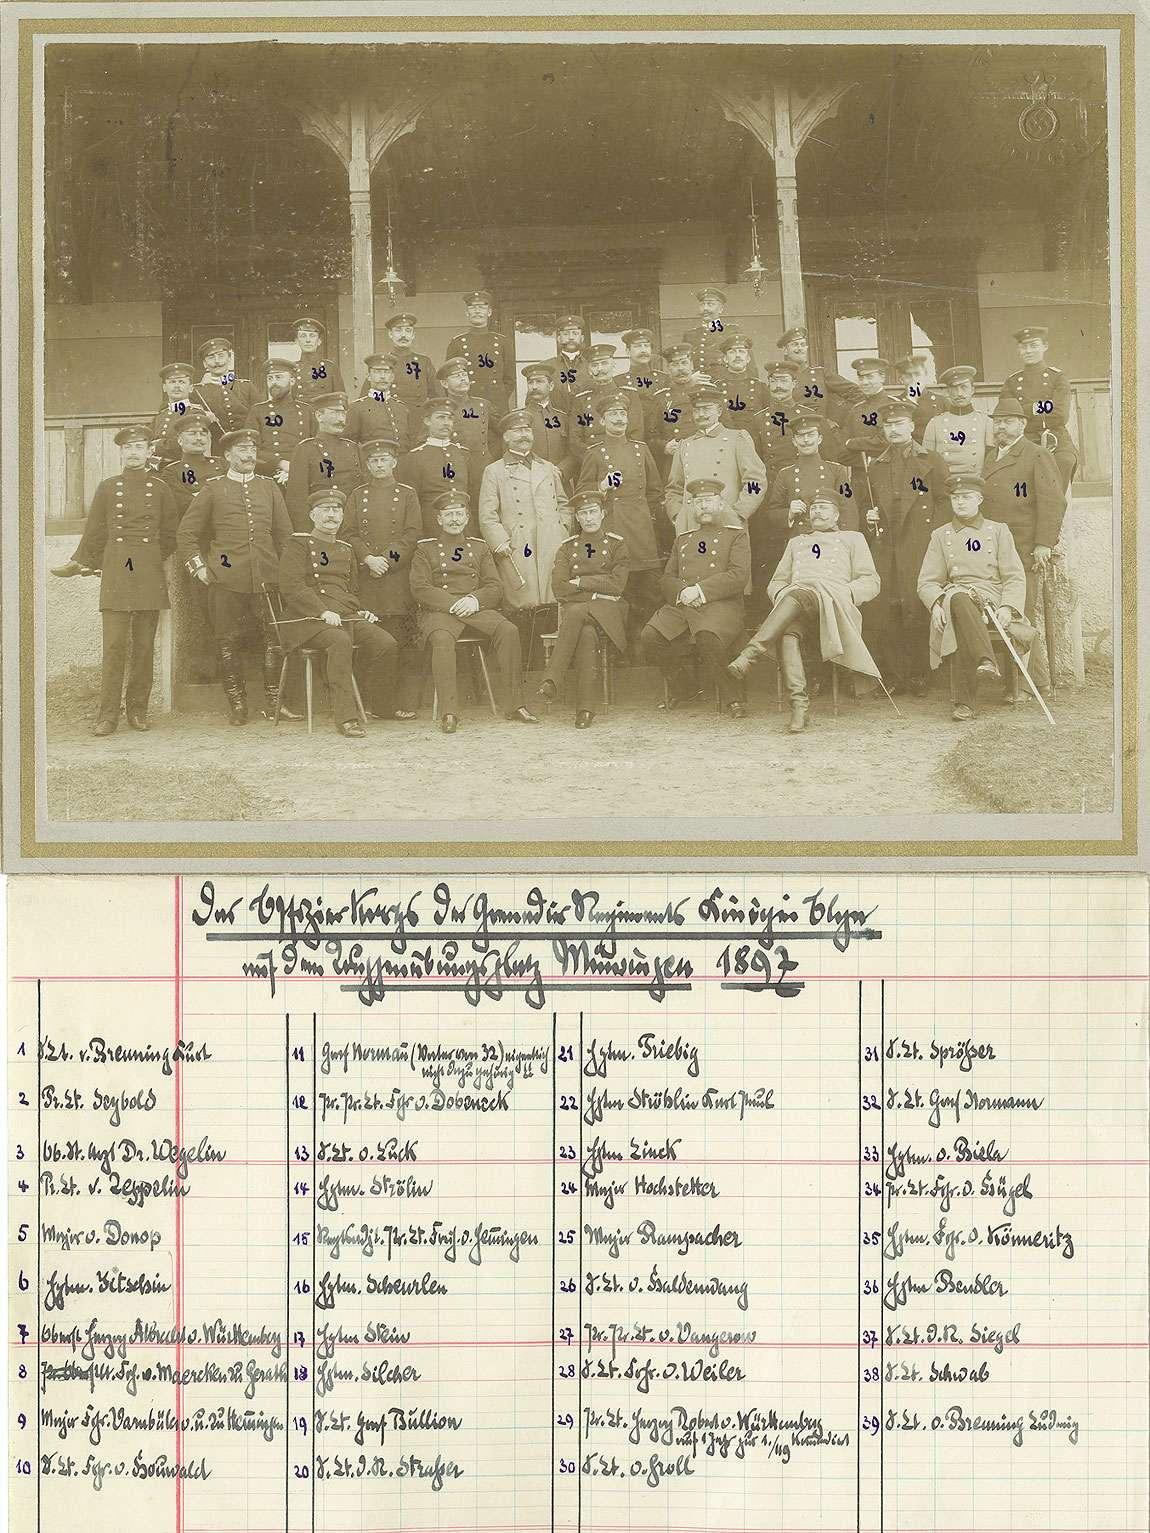 Offizierskorps des Regiments, neununddreissig Offiziere in Uniform mit Mütze (unter ihnen ein Zivilist), stehend oder sitzend, auf dem Truppenübungsplatz Münsingen, Bild 1